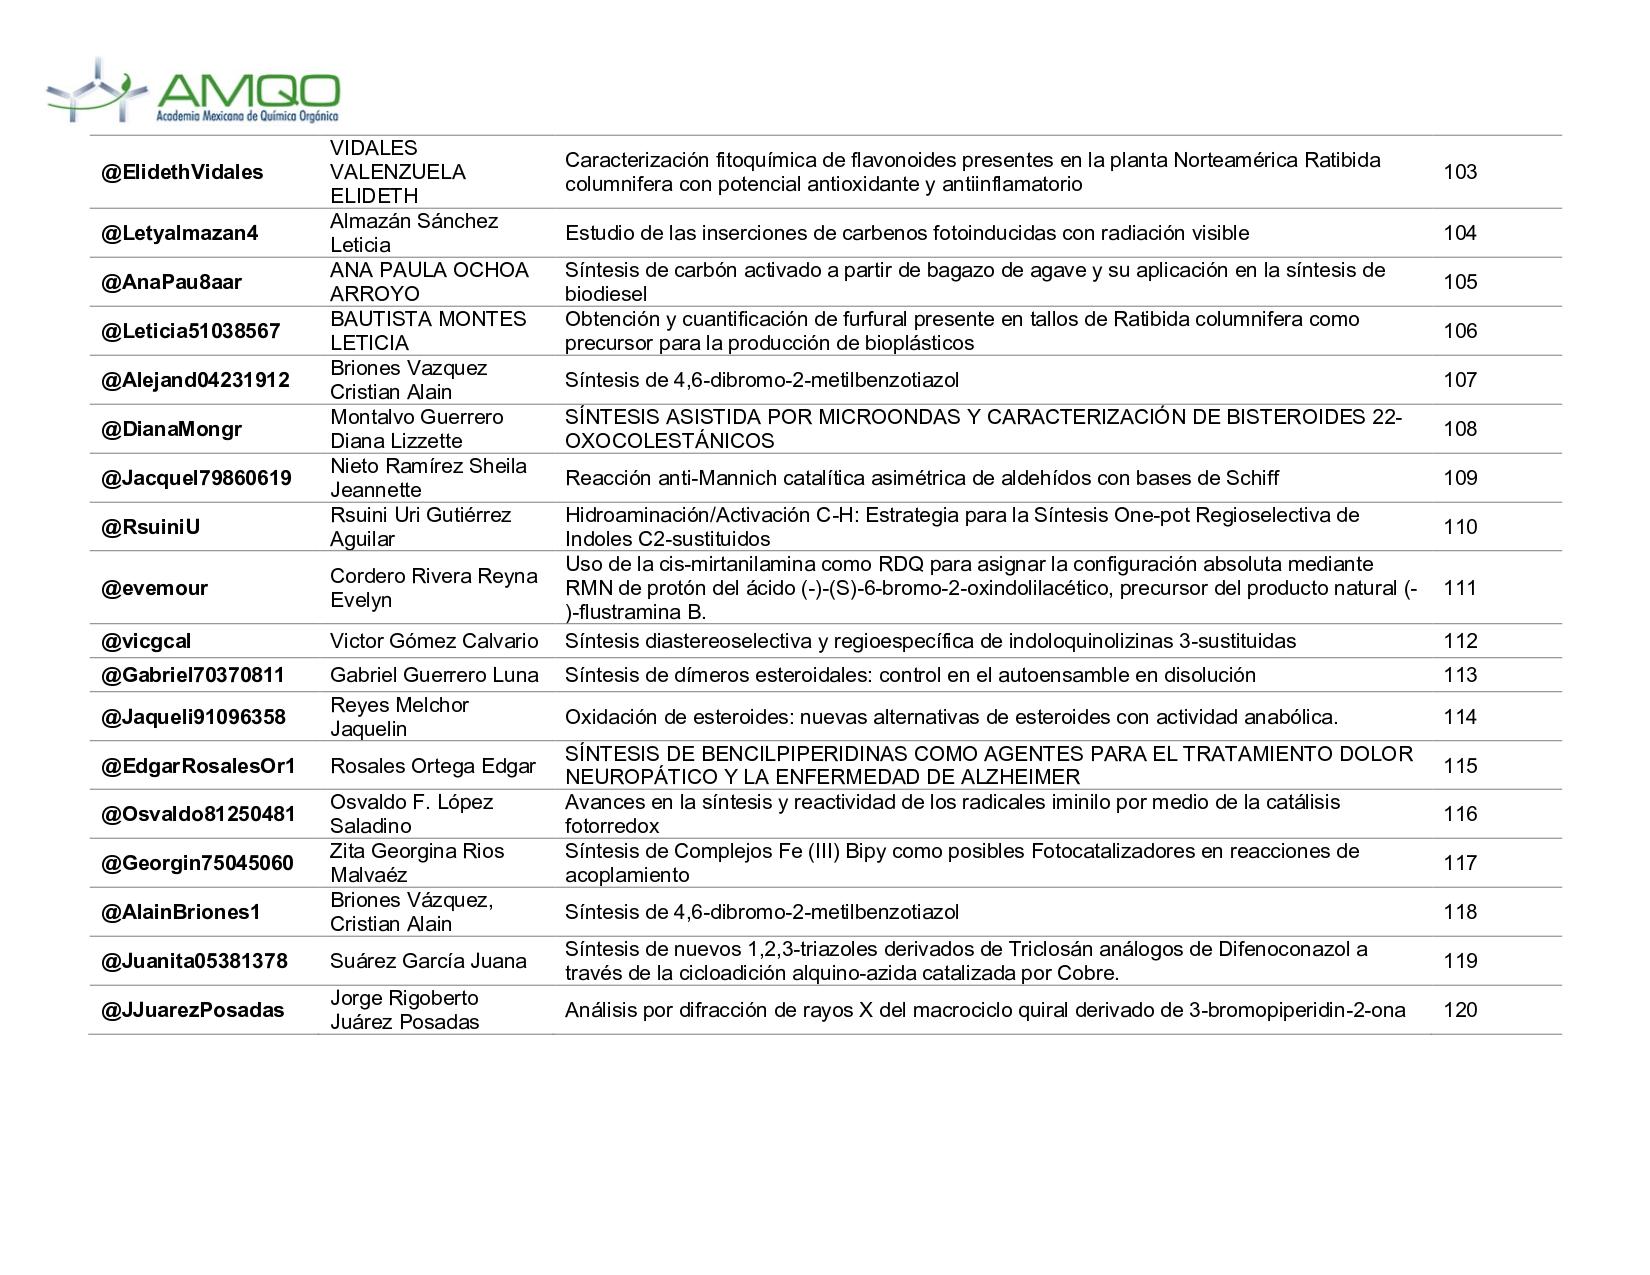 Lista de carteles XVI AMQO_pages-to-jpg-0006